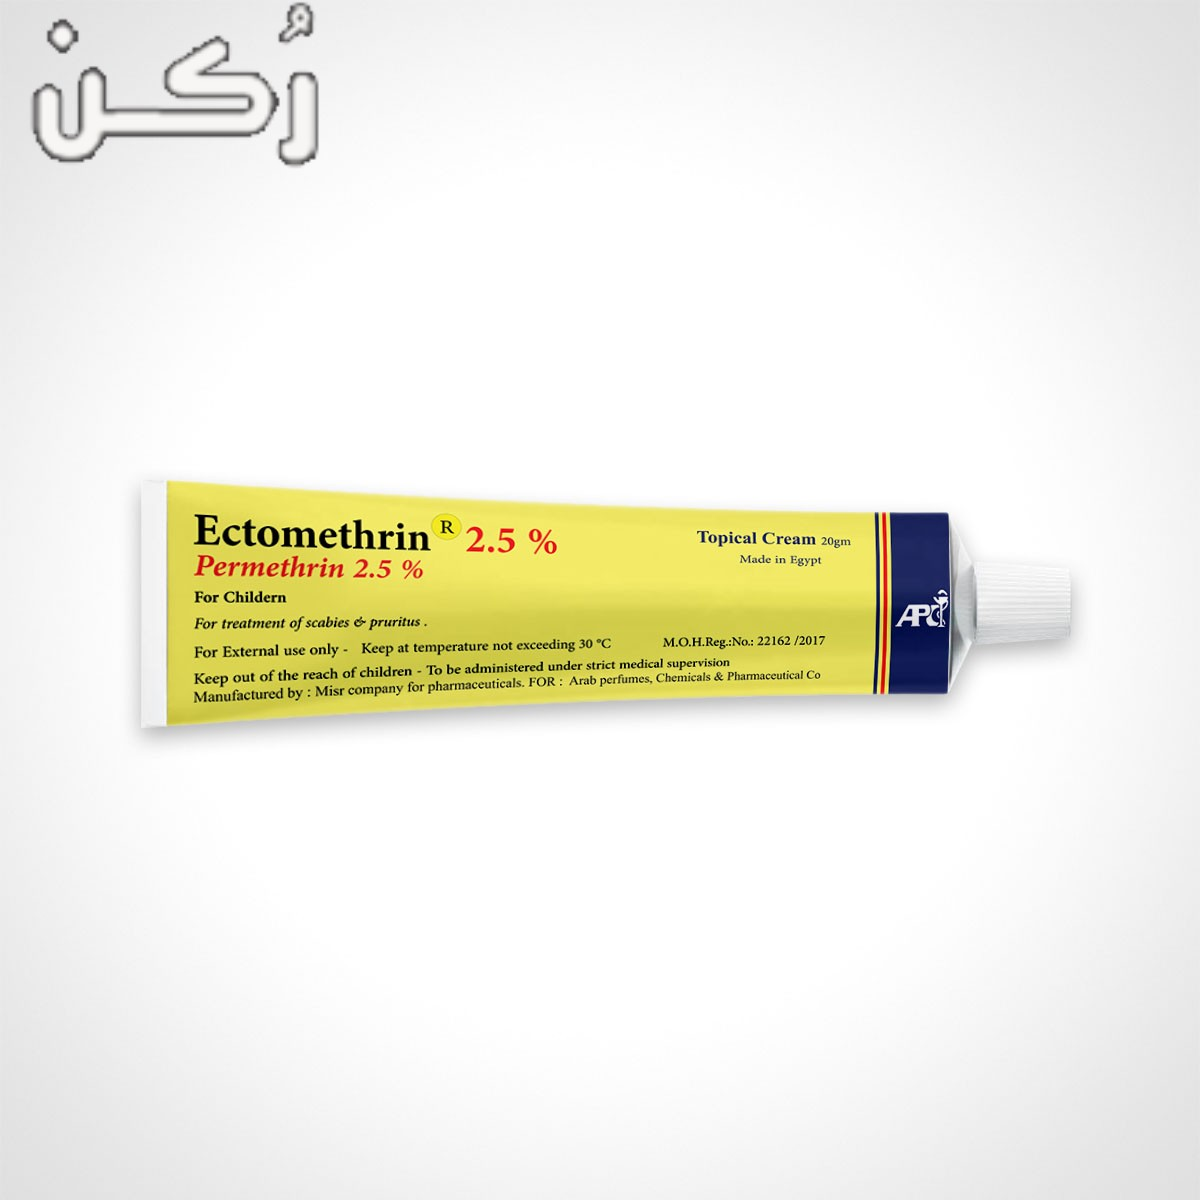 اكتومثرين Ectomethrin لعلاج الجرب والحكة الجلدية